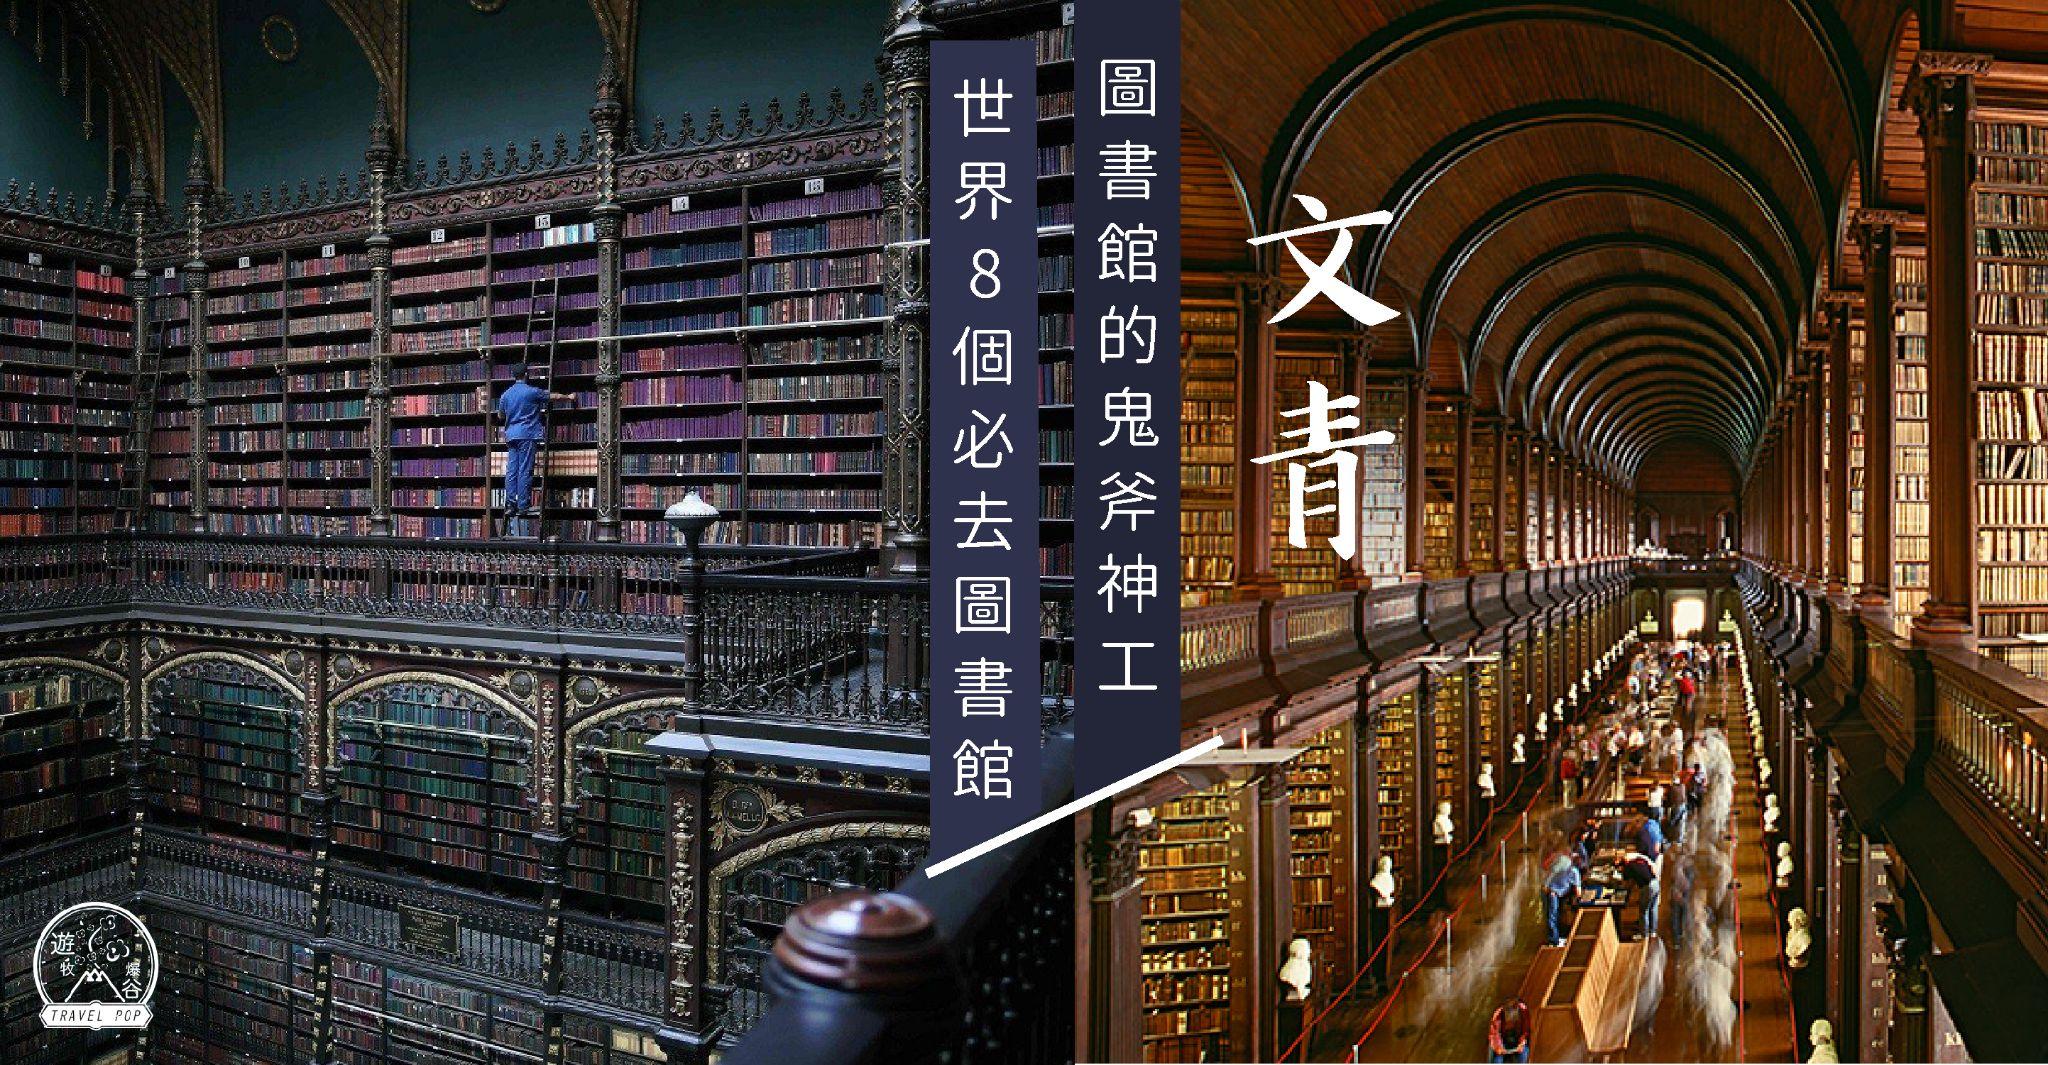 〈好遊〉圖書館的鬼斧神工 世界8個必去圖書館